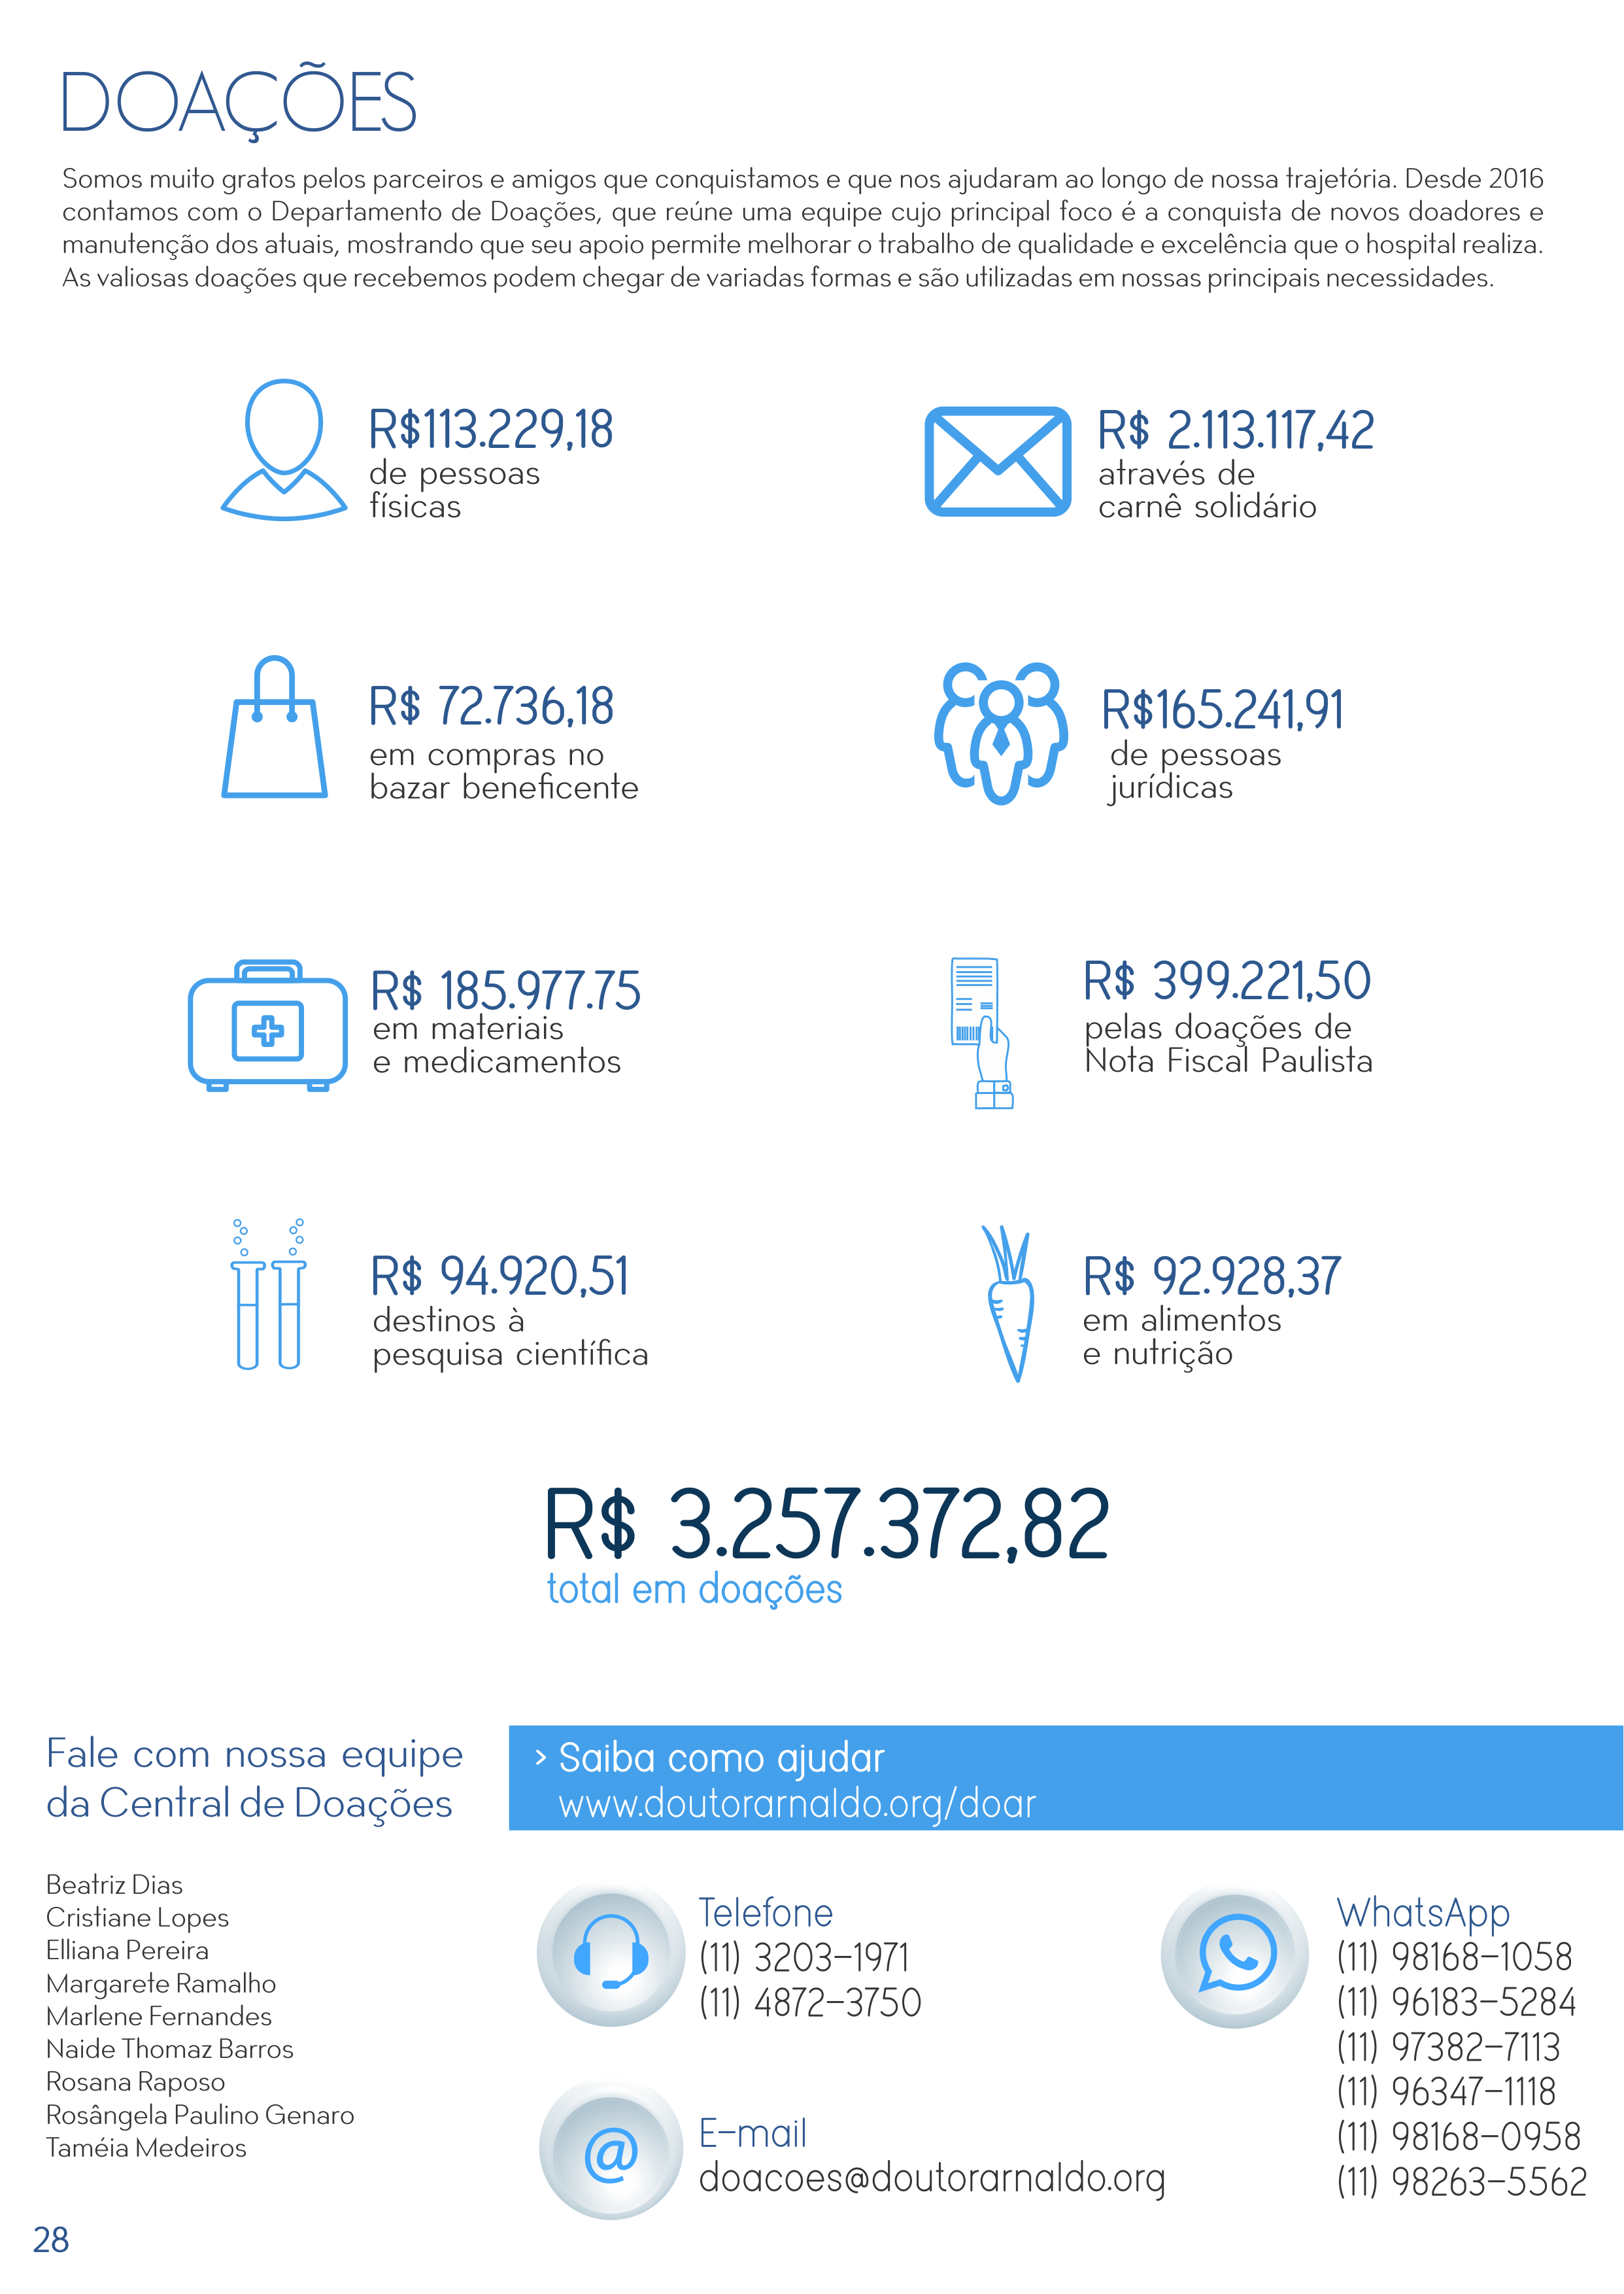 Balanço de doações 2019